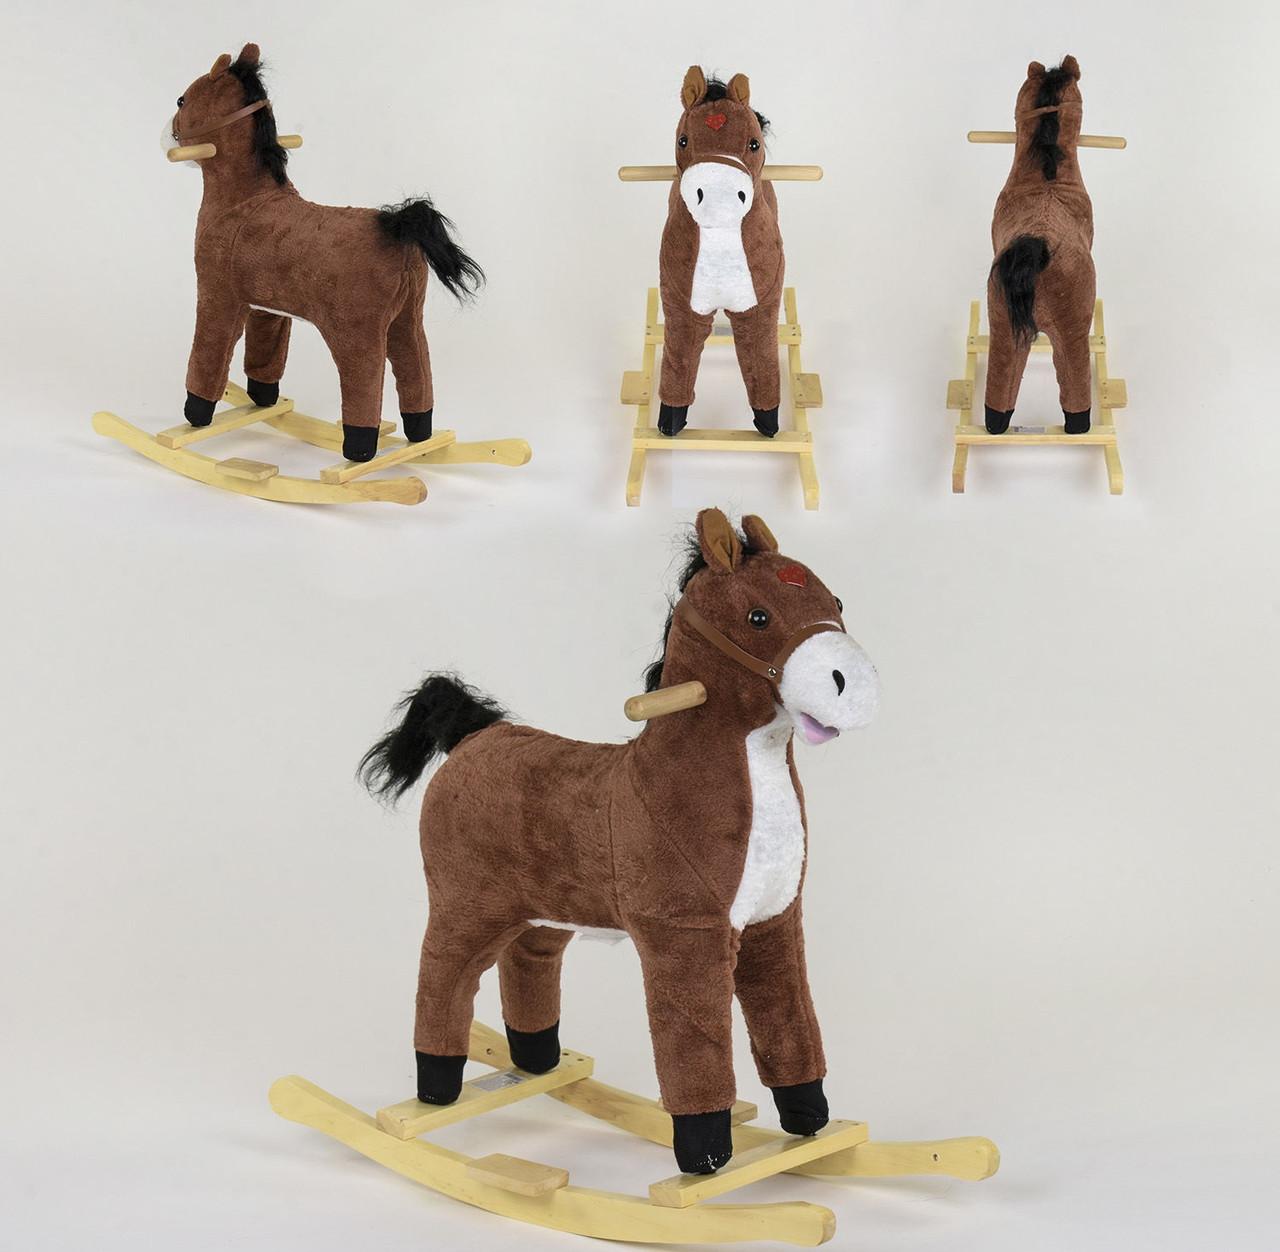 Качалка-лошадка В 04662 коричневый 80437